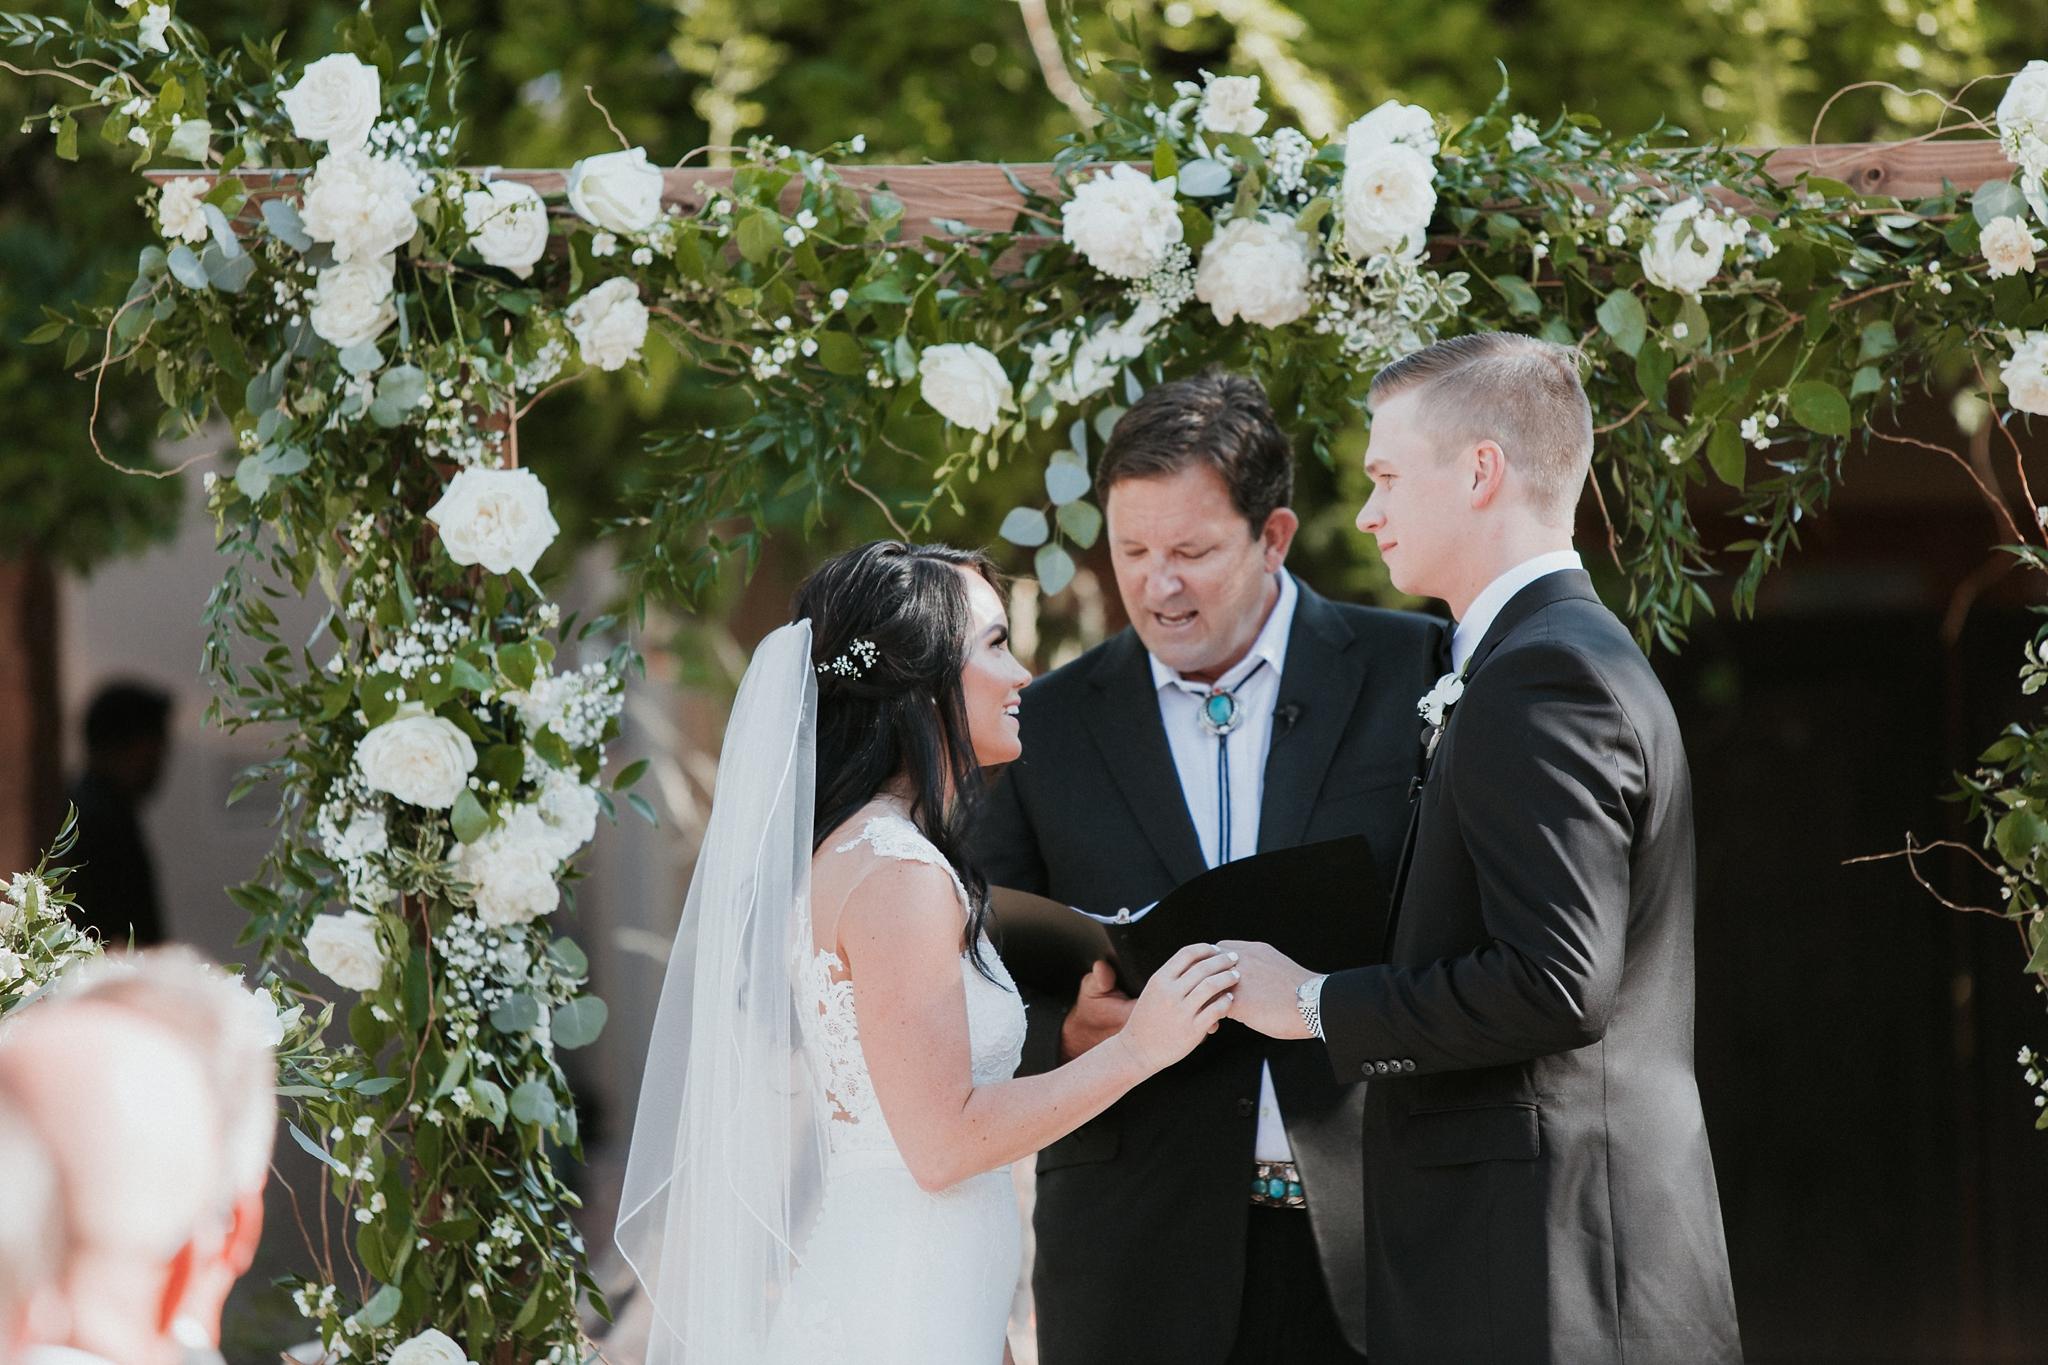 Alicia+lucia+photography+-+albuquerque+wedding+photographer+-+santa+fe+wedding+photography+-+new+mexico+wedding+photographer+-+wedding+ceremony+-+wedding+alter+-+floral+alter_0016.jpg